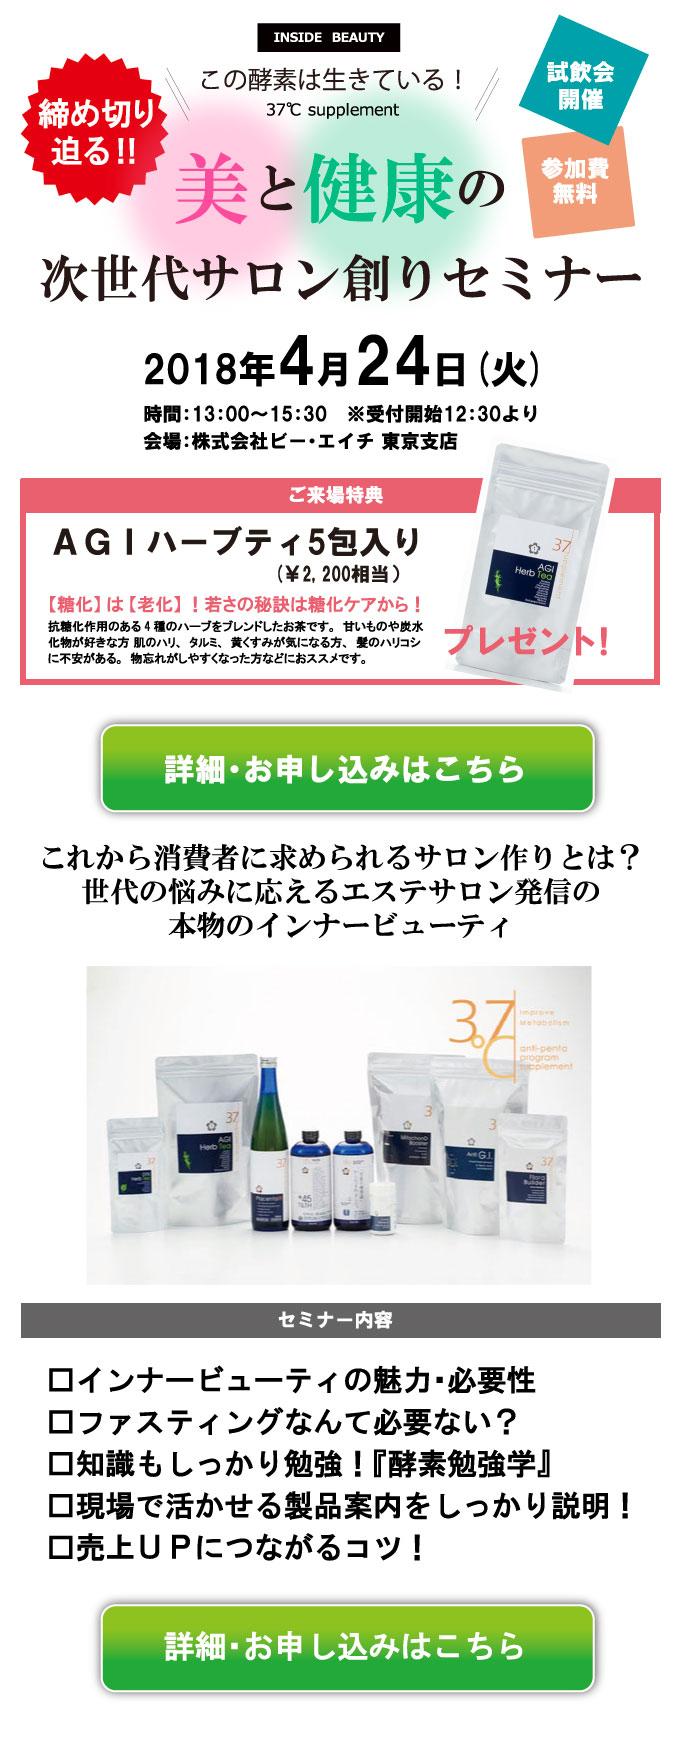 エステ用品・エステ機器の業務用商品販売ならbh!カタログ連動の通販サイトbh。